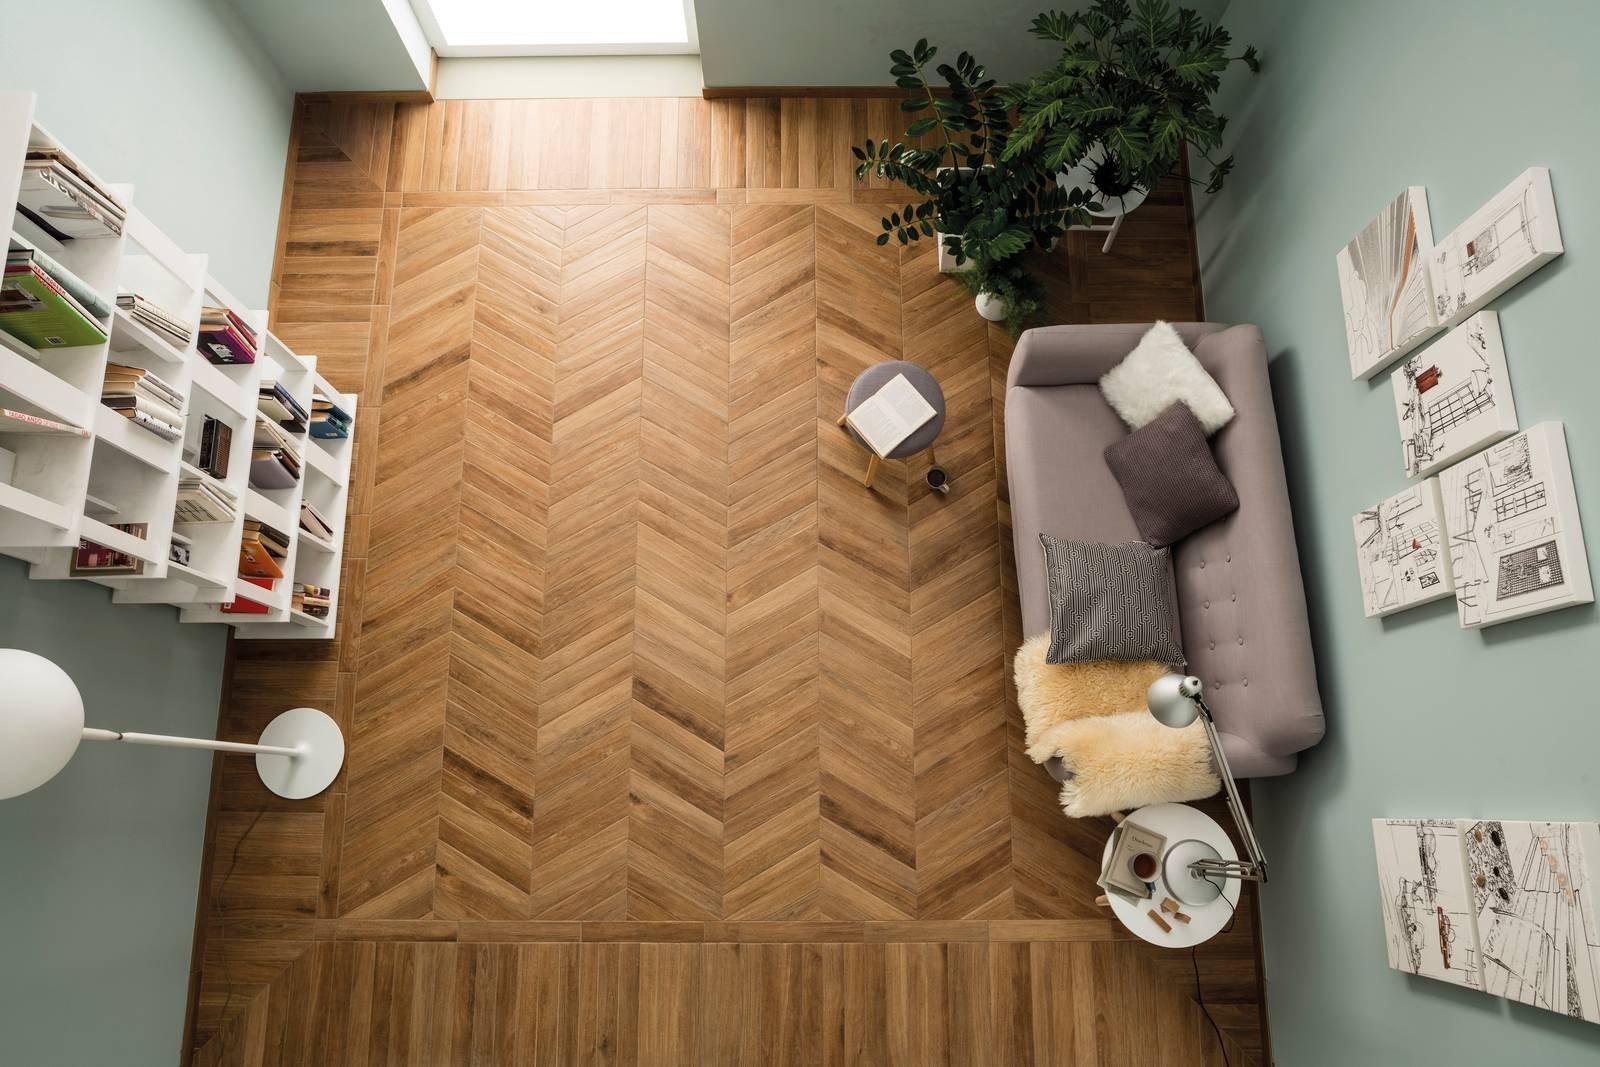 pavimenti ceramica effetto legno - Ecosia